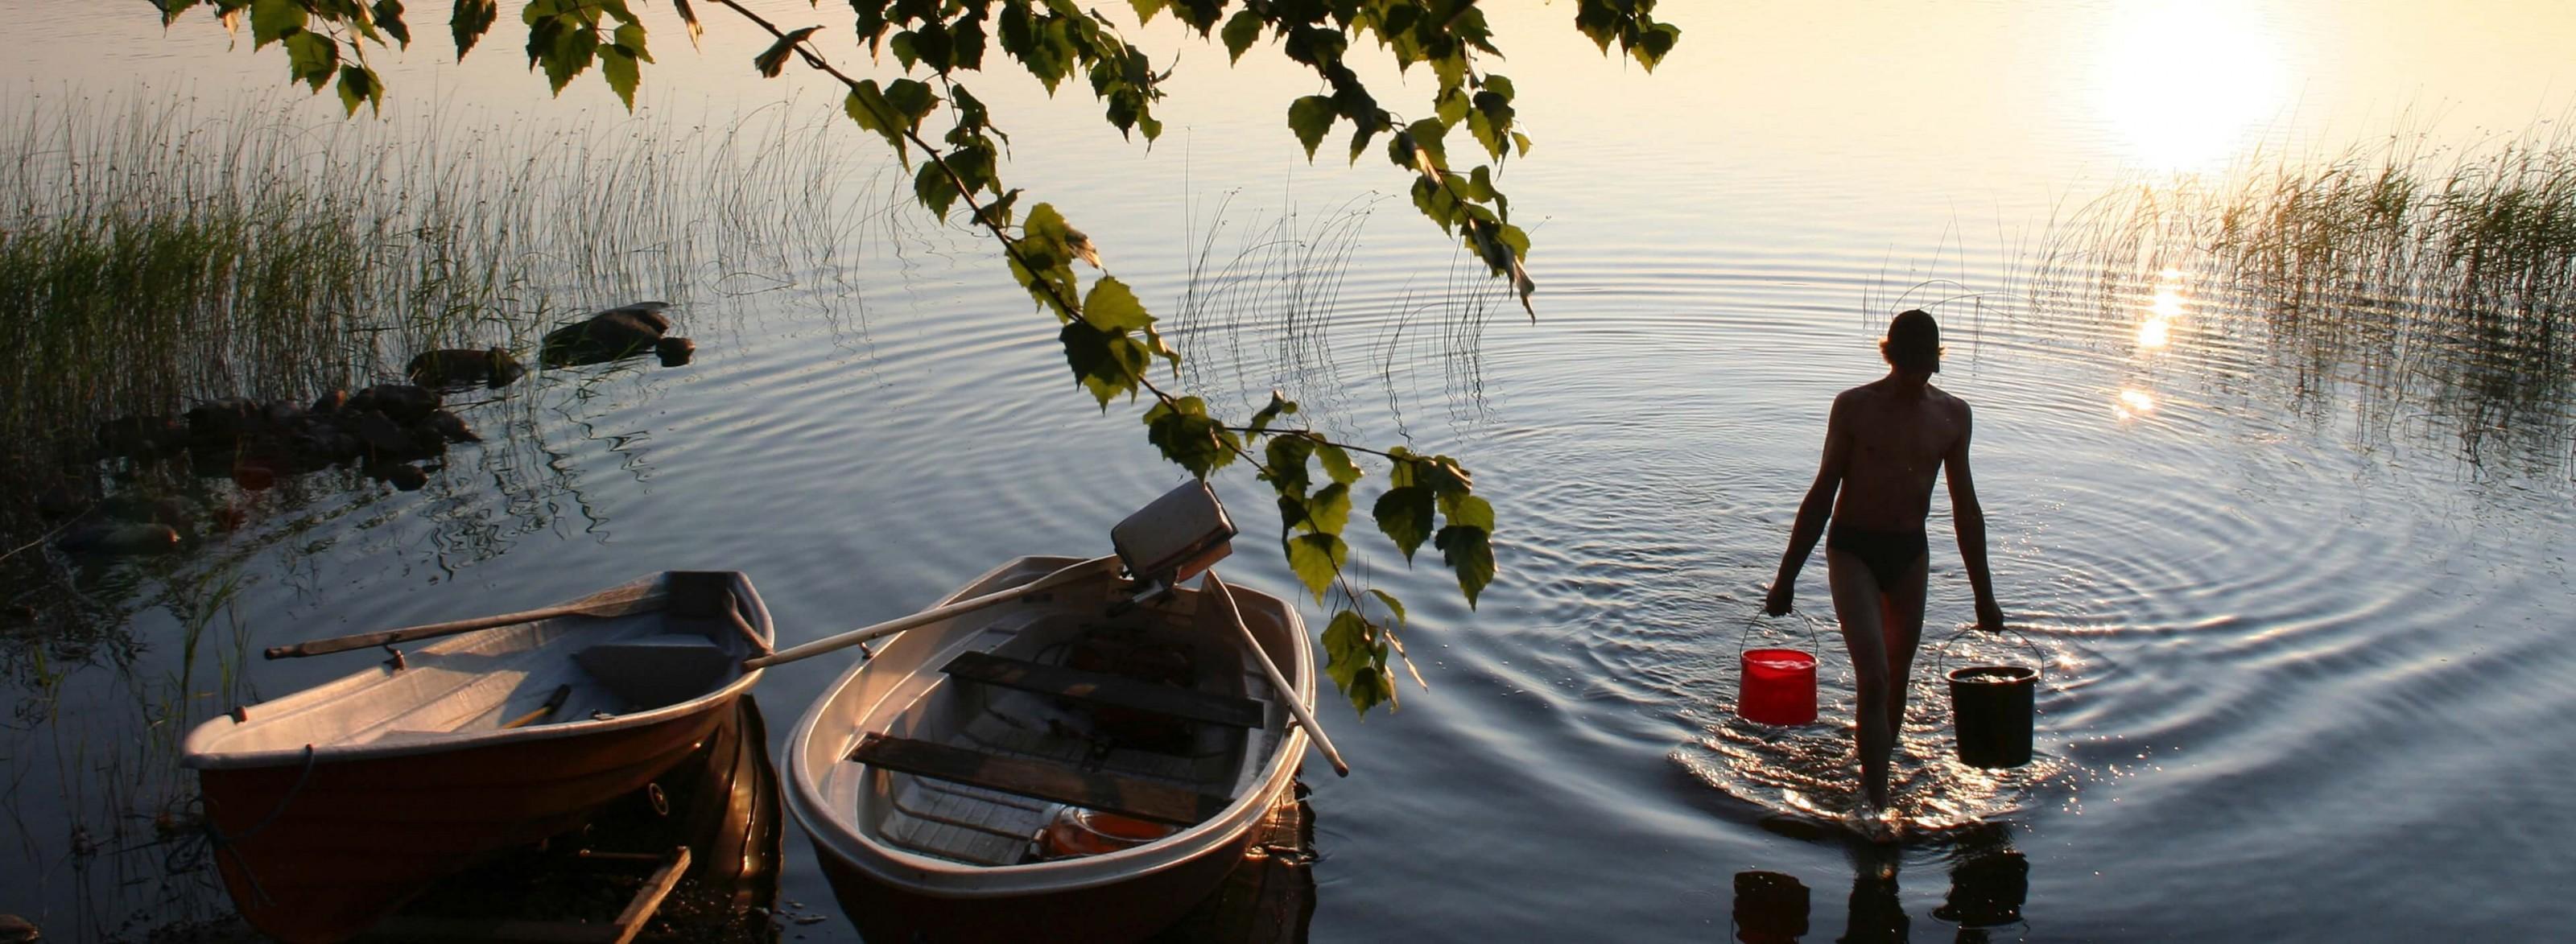 Финляндия предлагает  бесплатные поездки  для обучения искусству счастья Rent a Finn,бесплатности,путешествия,Финляндия